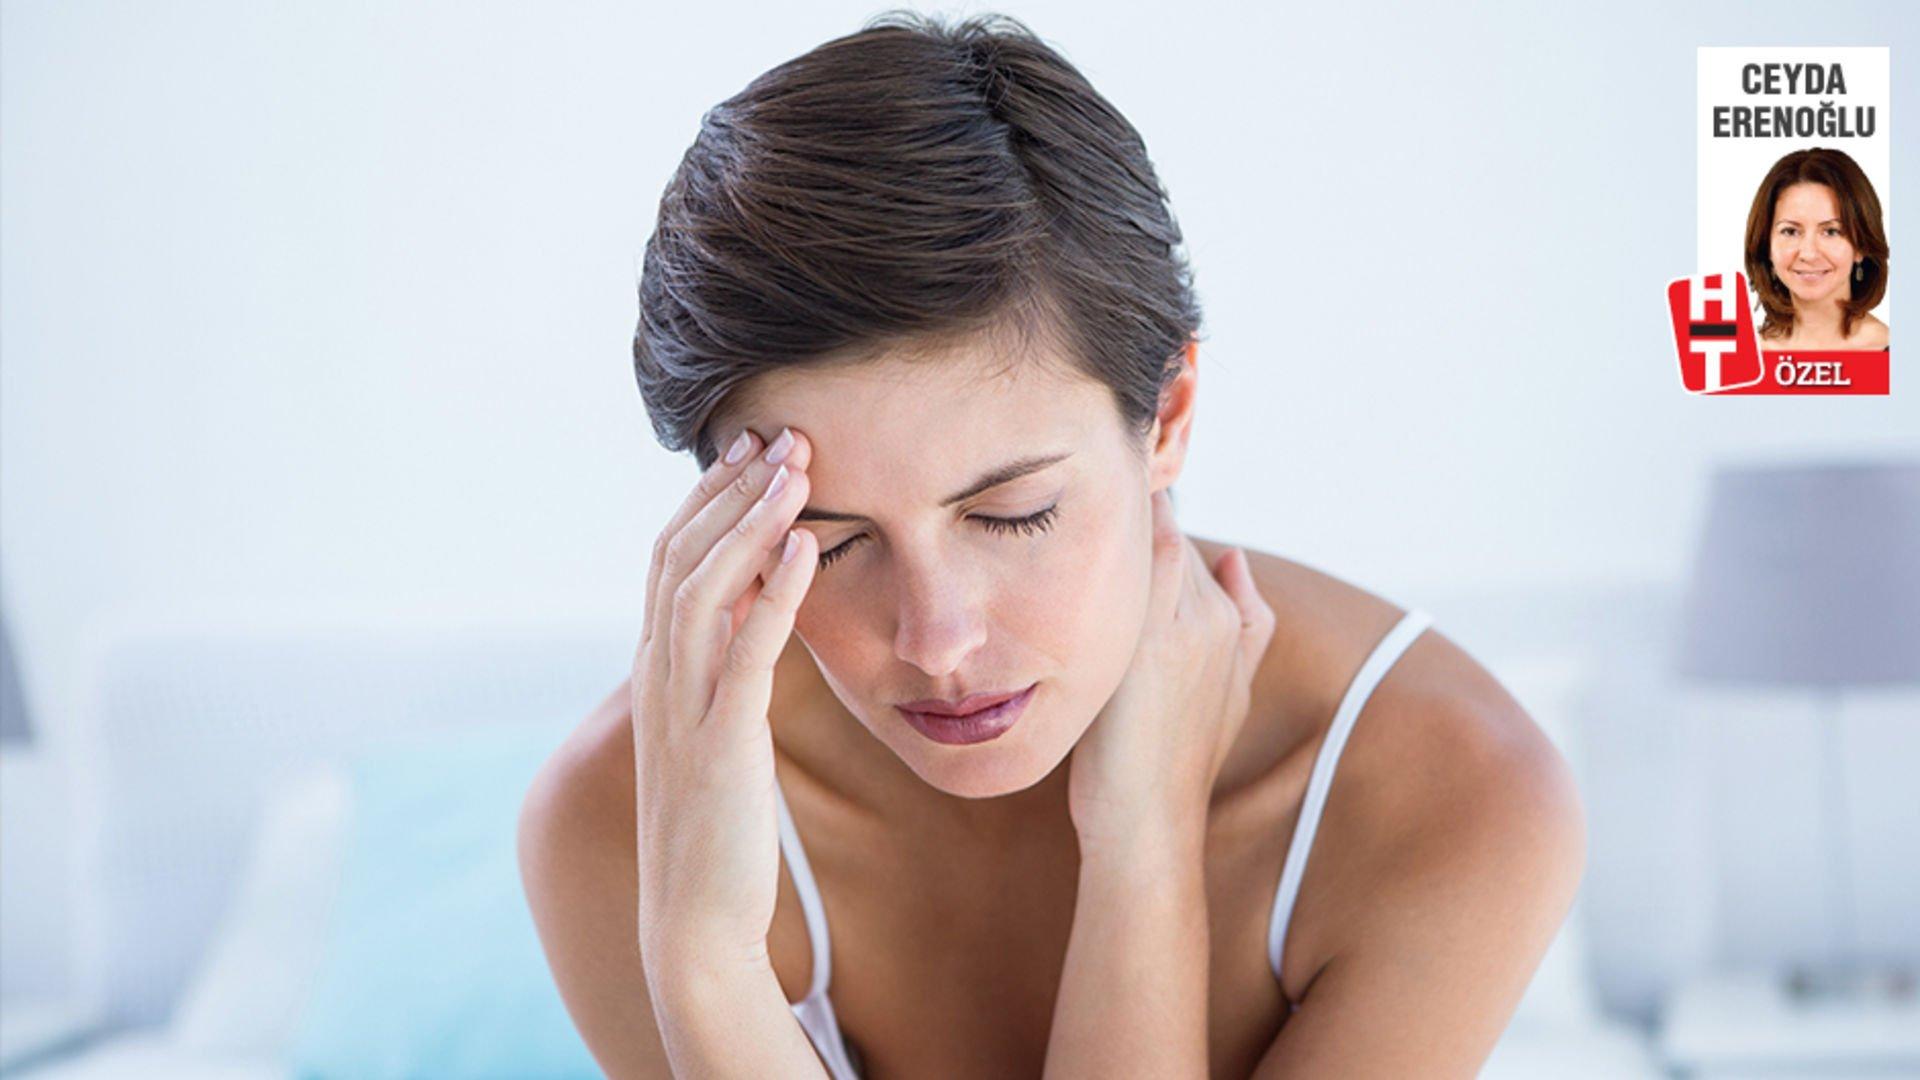 Ses kaybı: ilaçların ve halk ilaçlarının nedenleri ve tedavisi